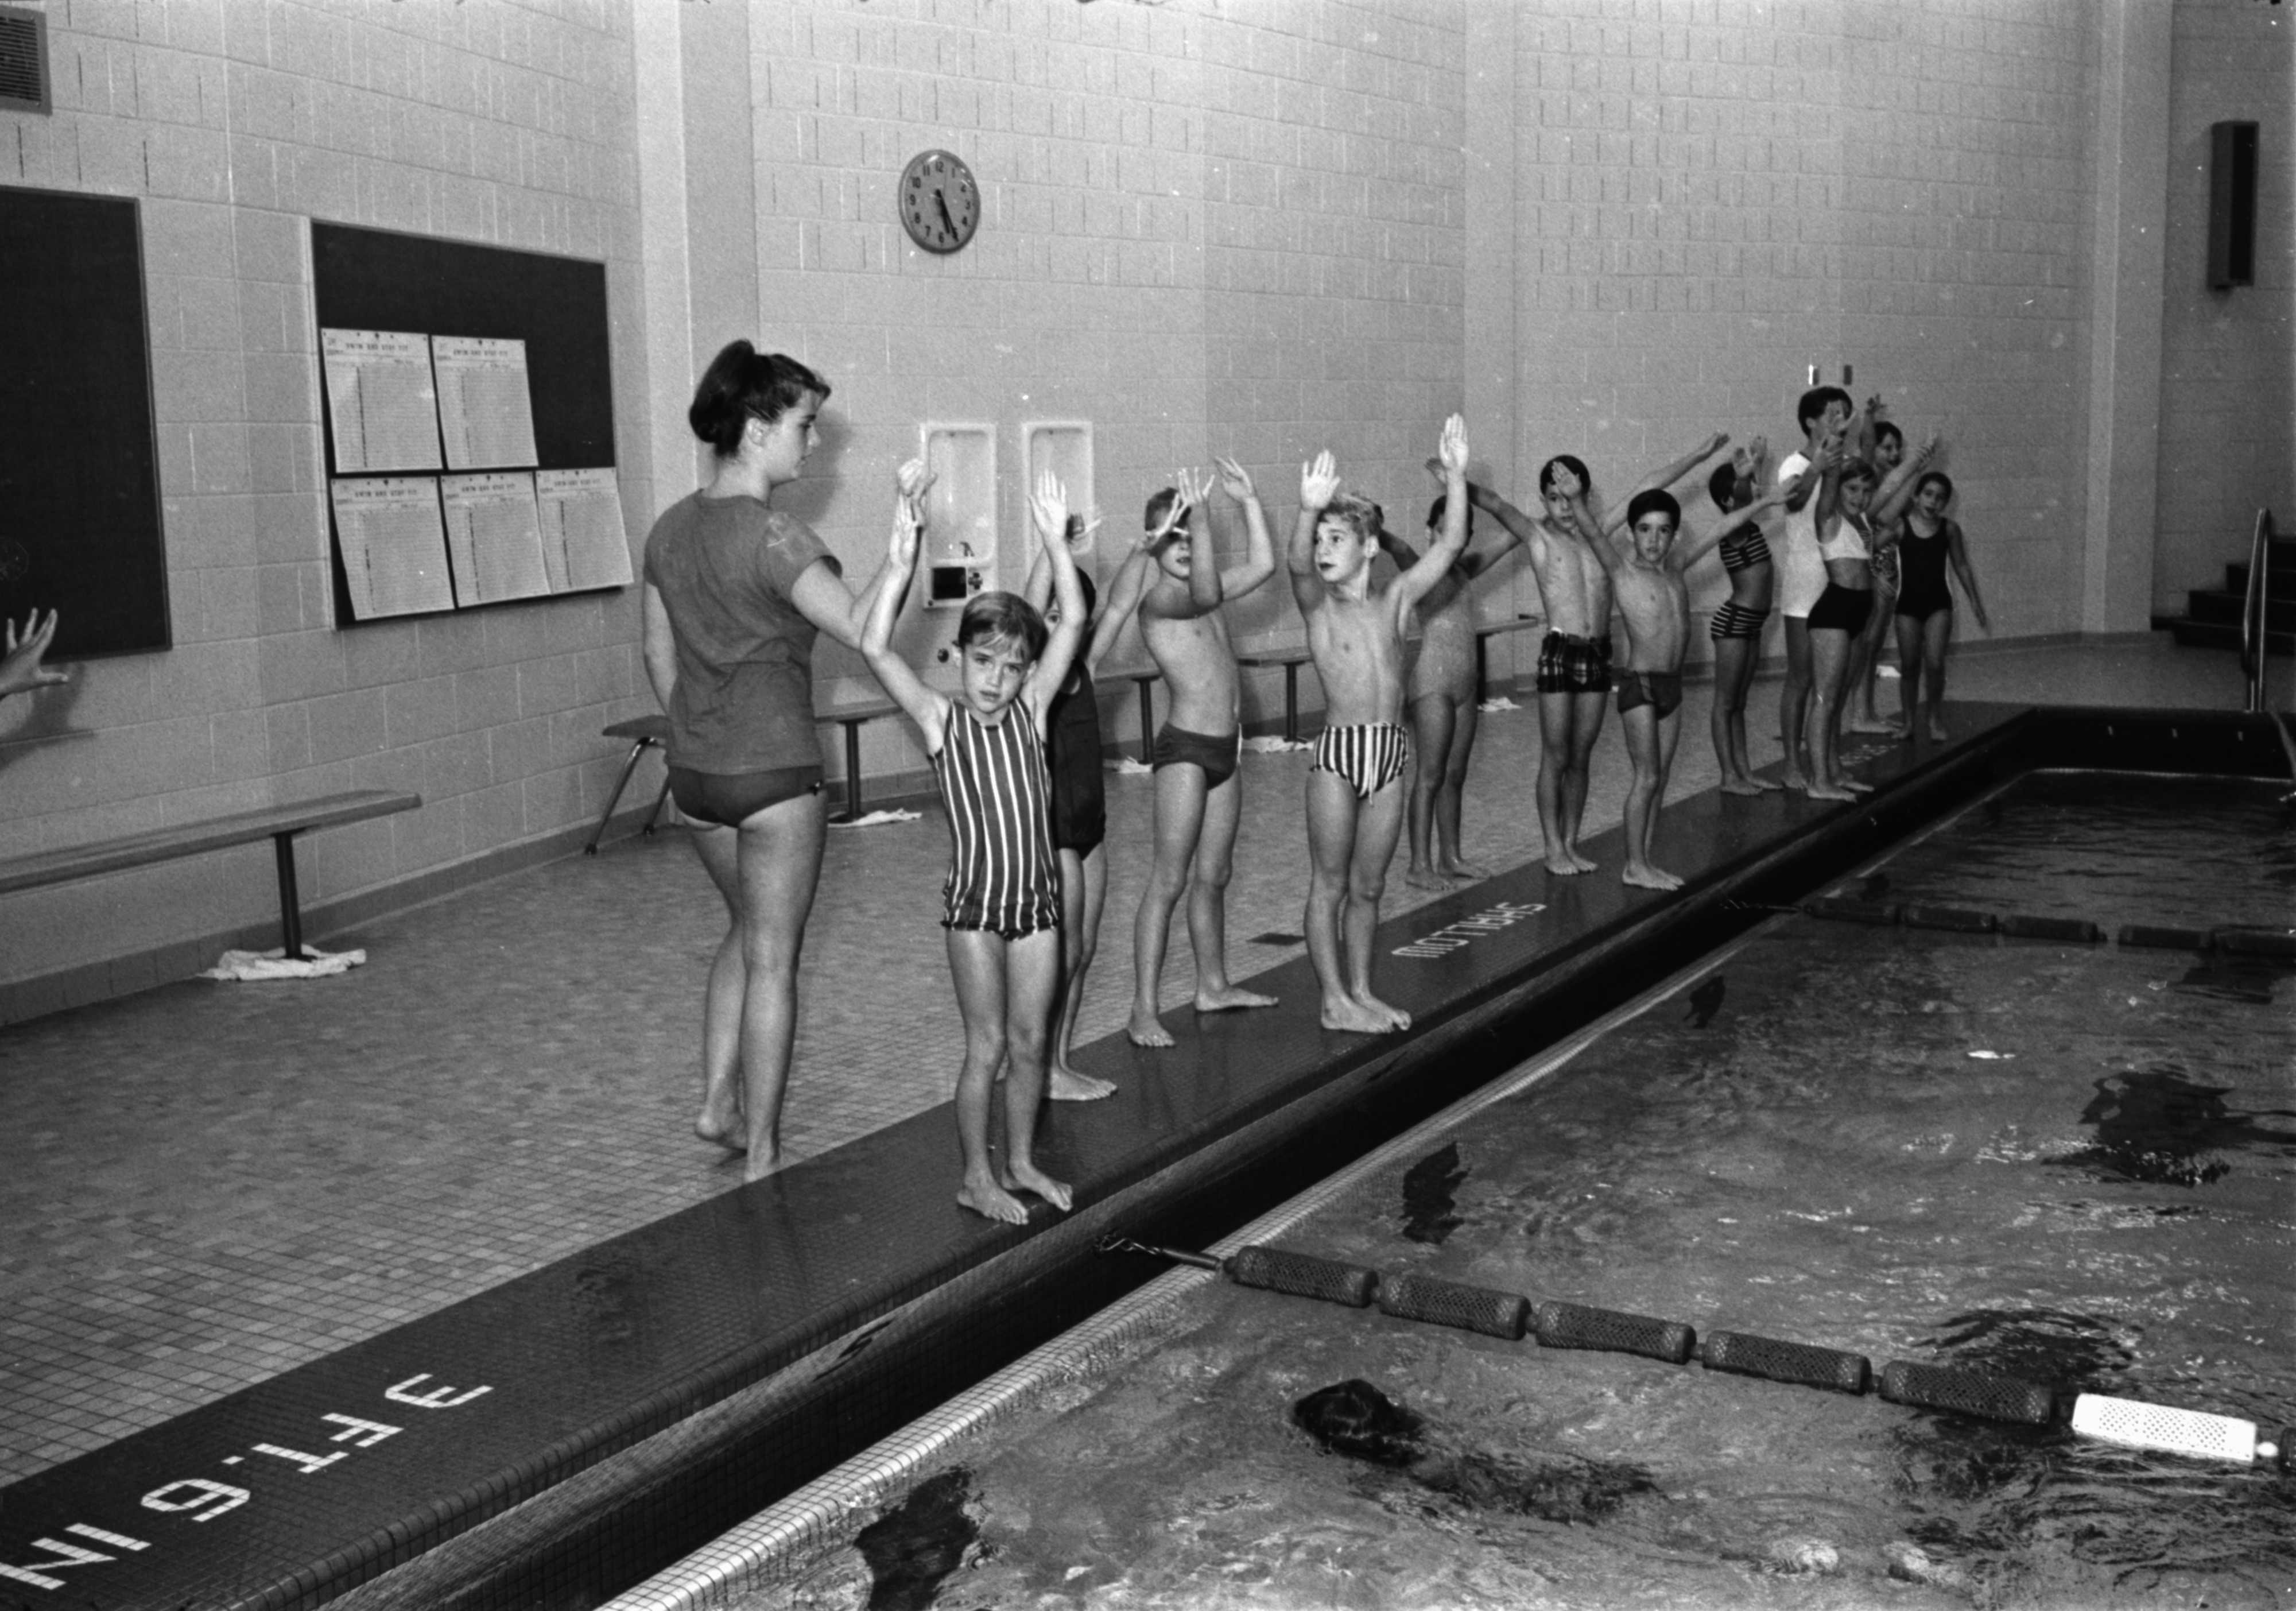 Boys swim shower, abby brammell naked